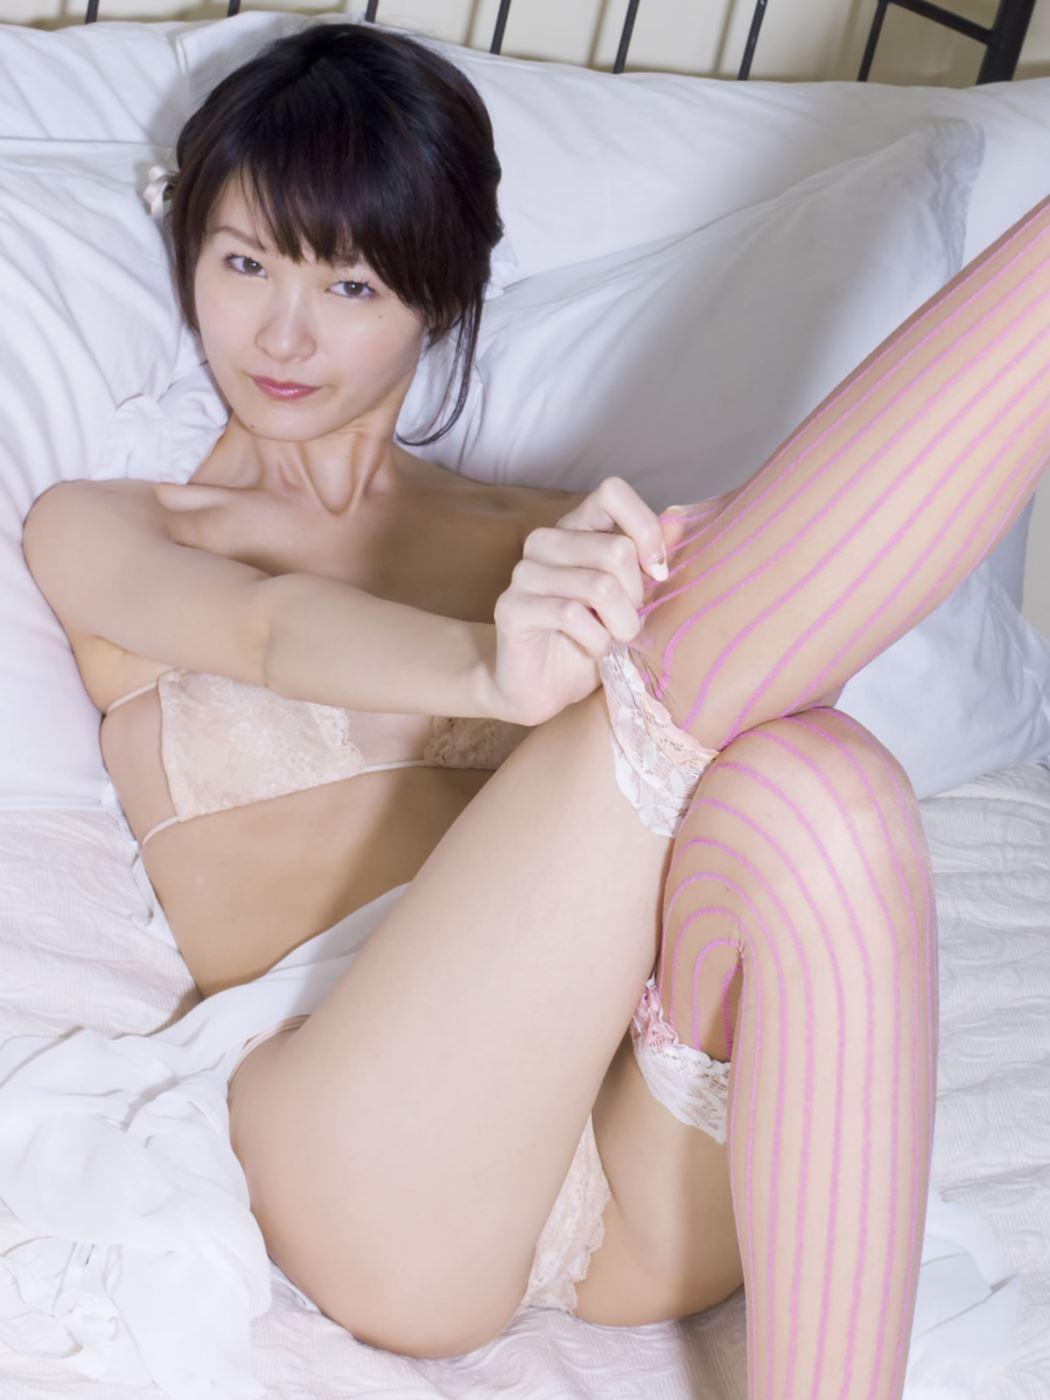 しほの涼 セクシーランジェリー画像 20